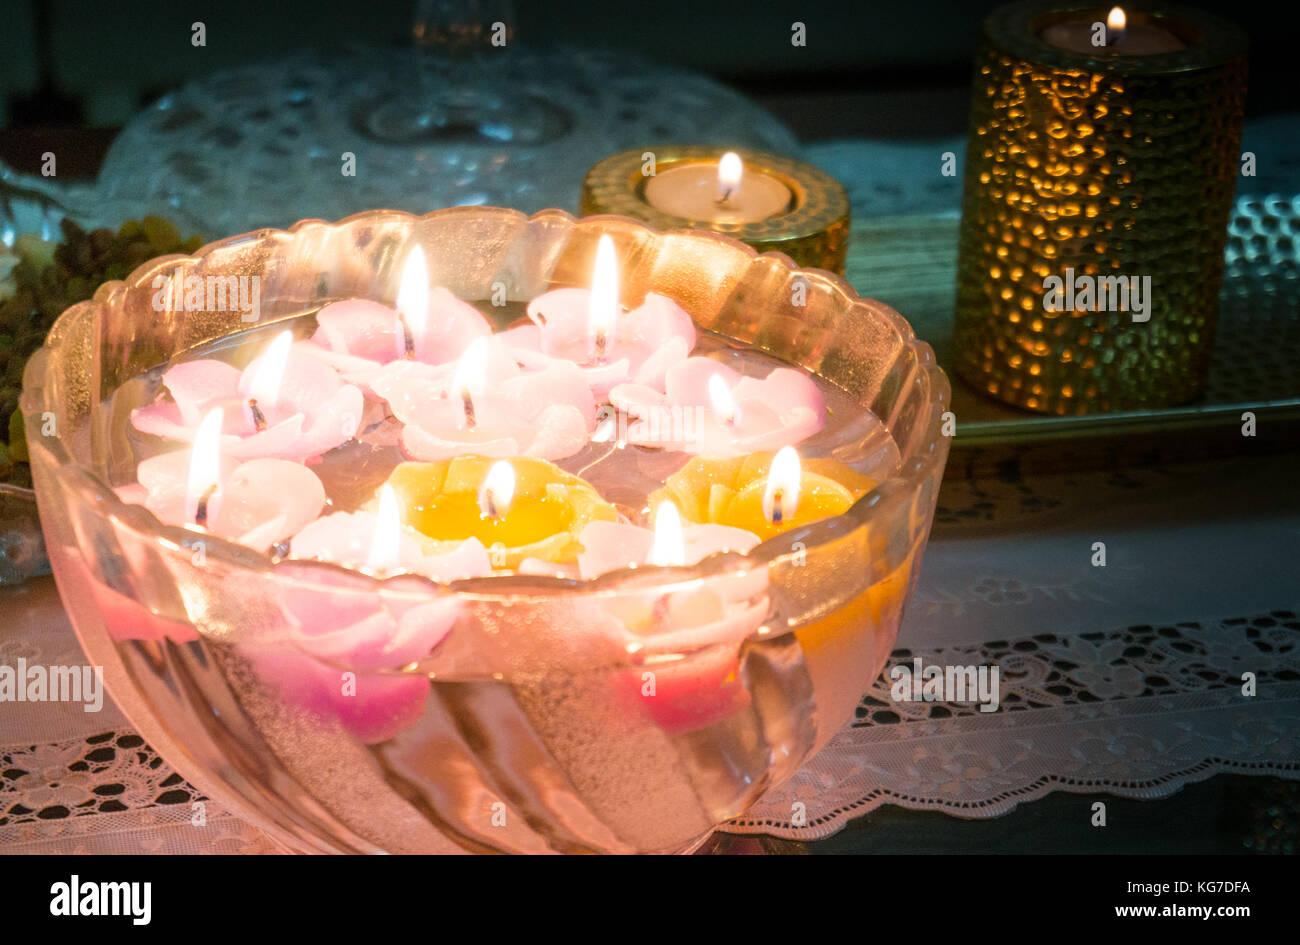 Bella candele galleggianti accesa e galleggiante su una ciotola di